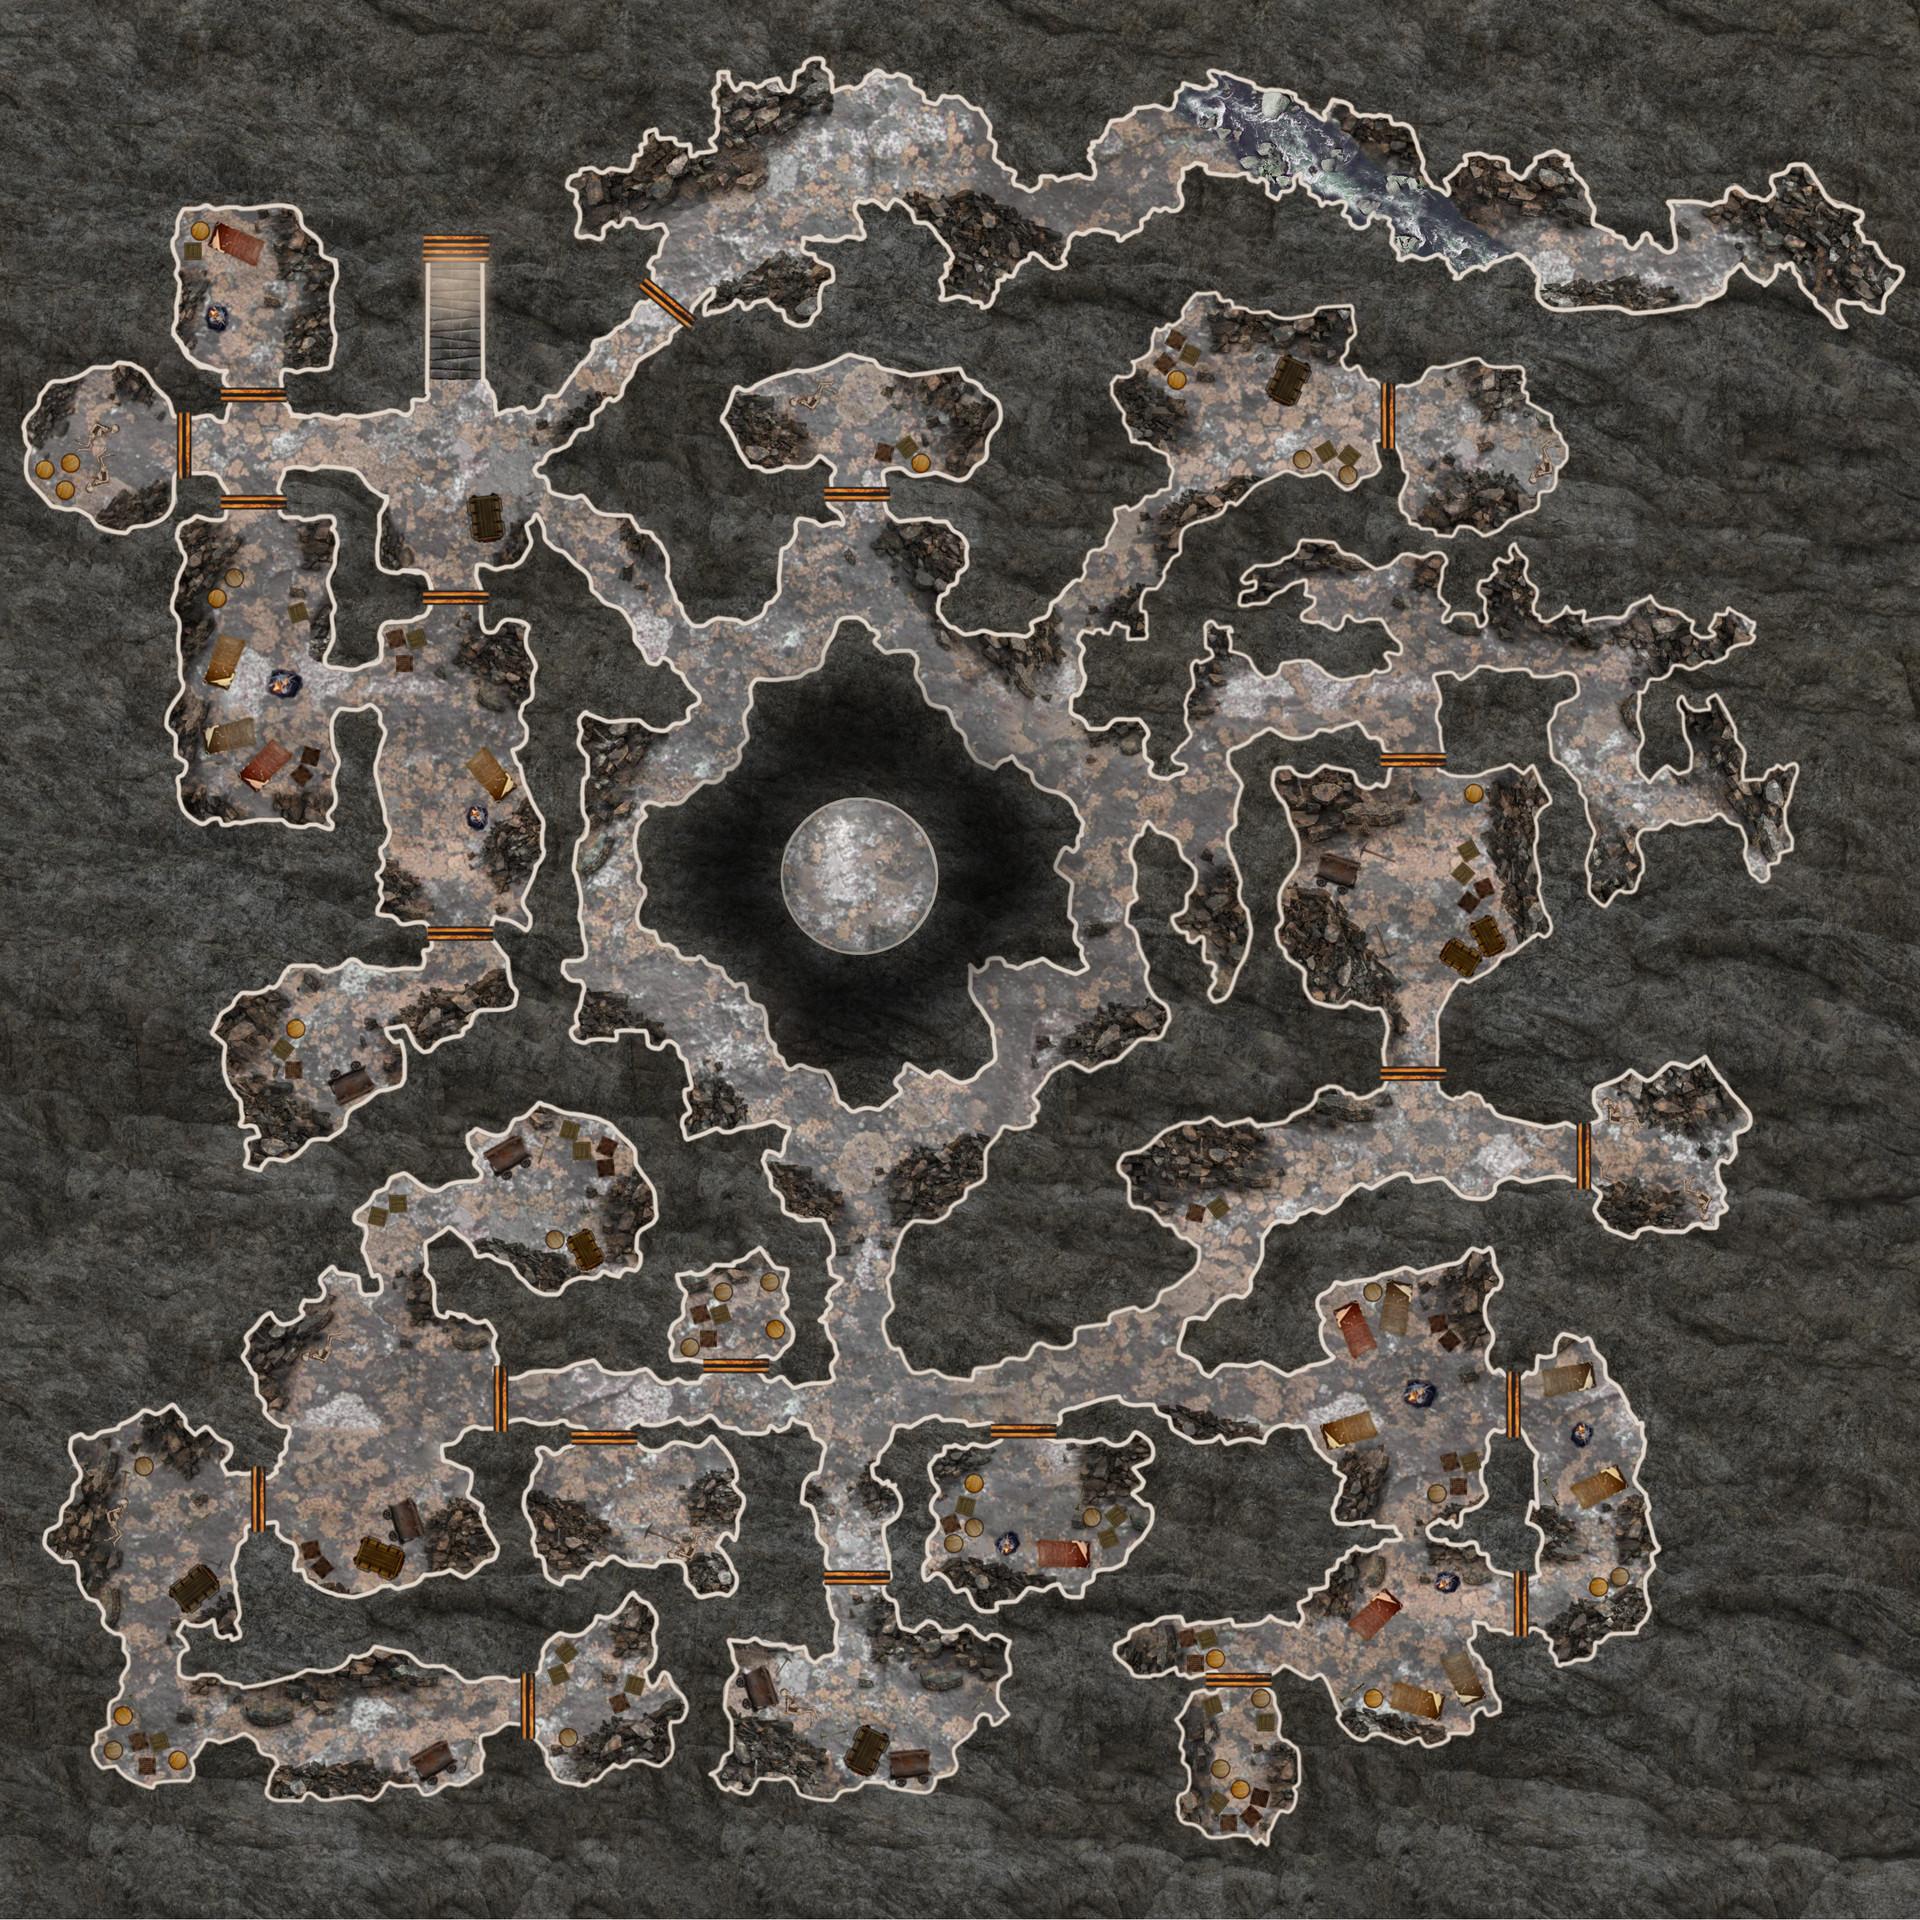 ArtStation - D&D Maps, Everett Coe